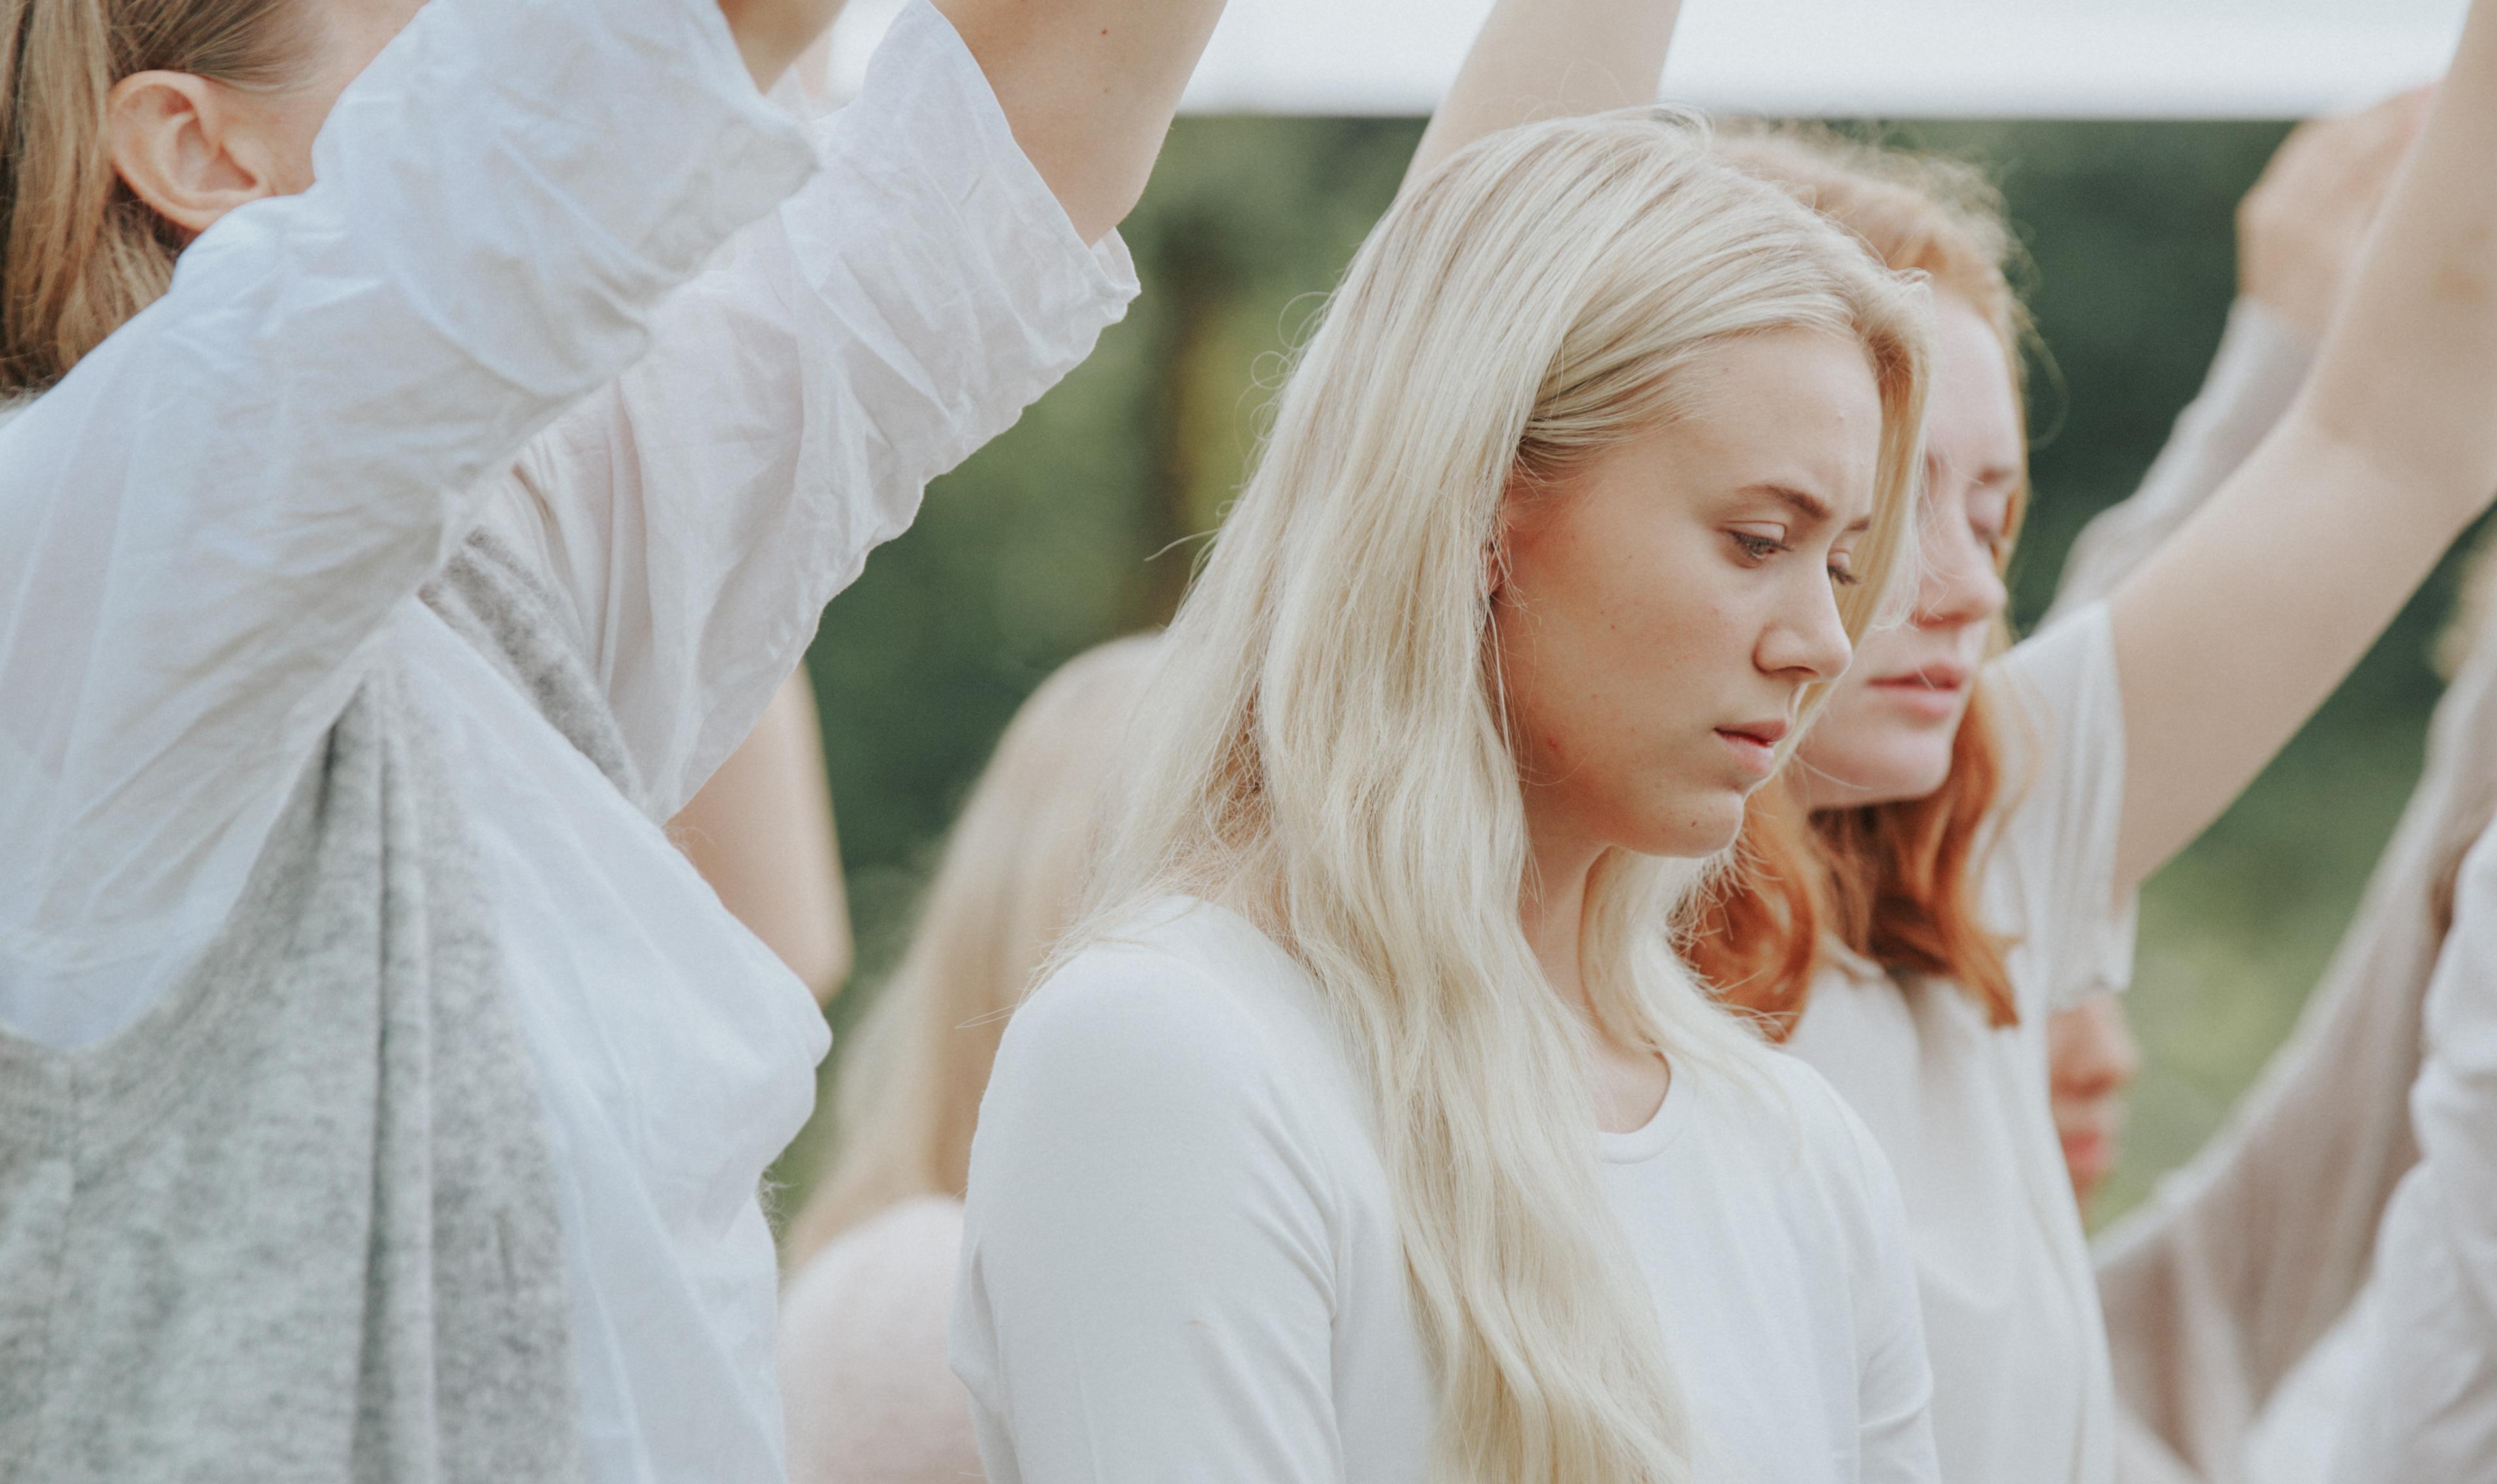 19 歳のミリアムは、連勝していたフリースタイル・ディスコダンスの大会中、パニッ ク障害のため倒れてしまう。ある教団のカリスマ指導者である義理の父親は、心の弱さが原因だと諭してより深い信仰を彼女に強いるが……病気と教えのはざまで苦しむ少女の姿を通じて、現代ノルウェーの新興宗教の実態に迫った野心作。(Photo by Jørgen Nordby, Mer Film)